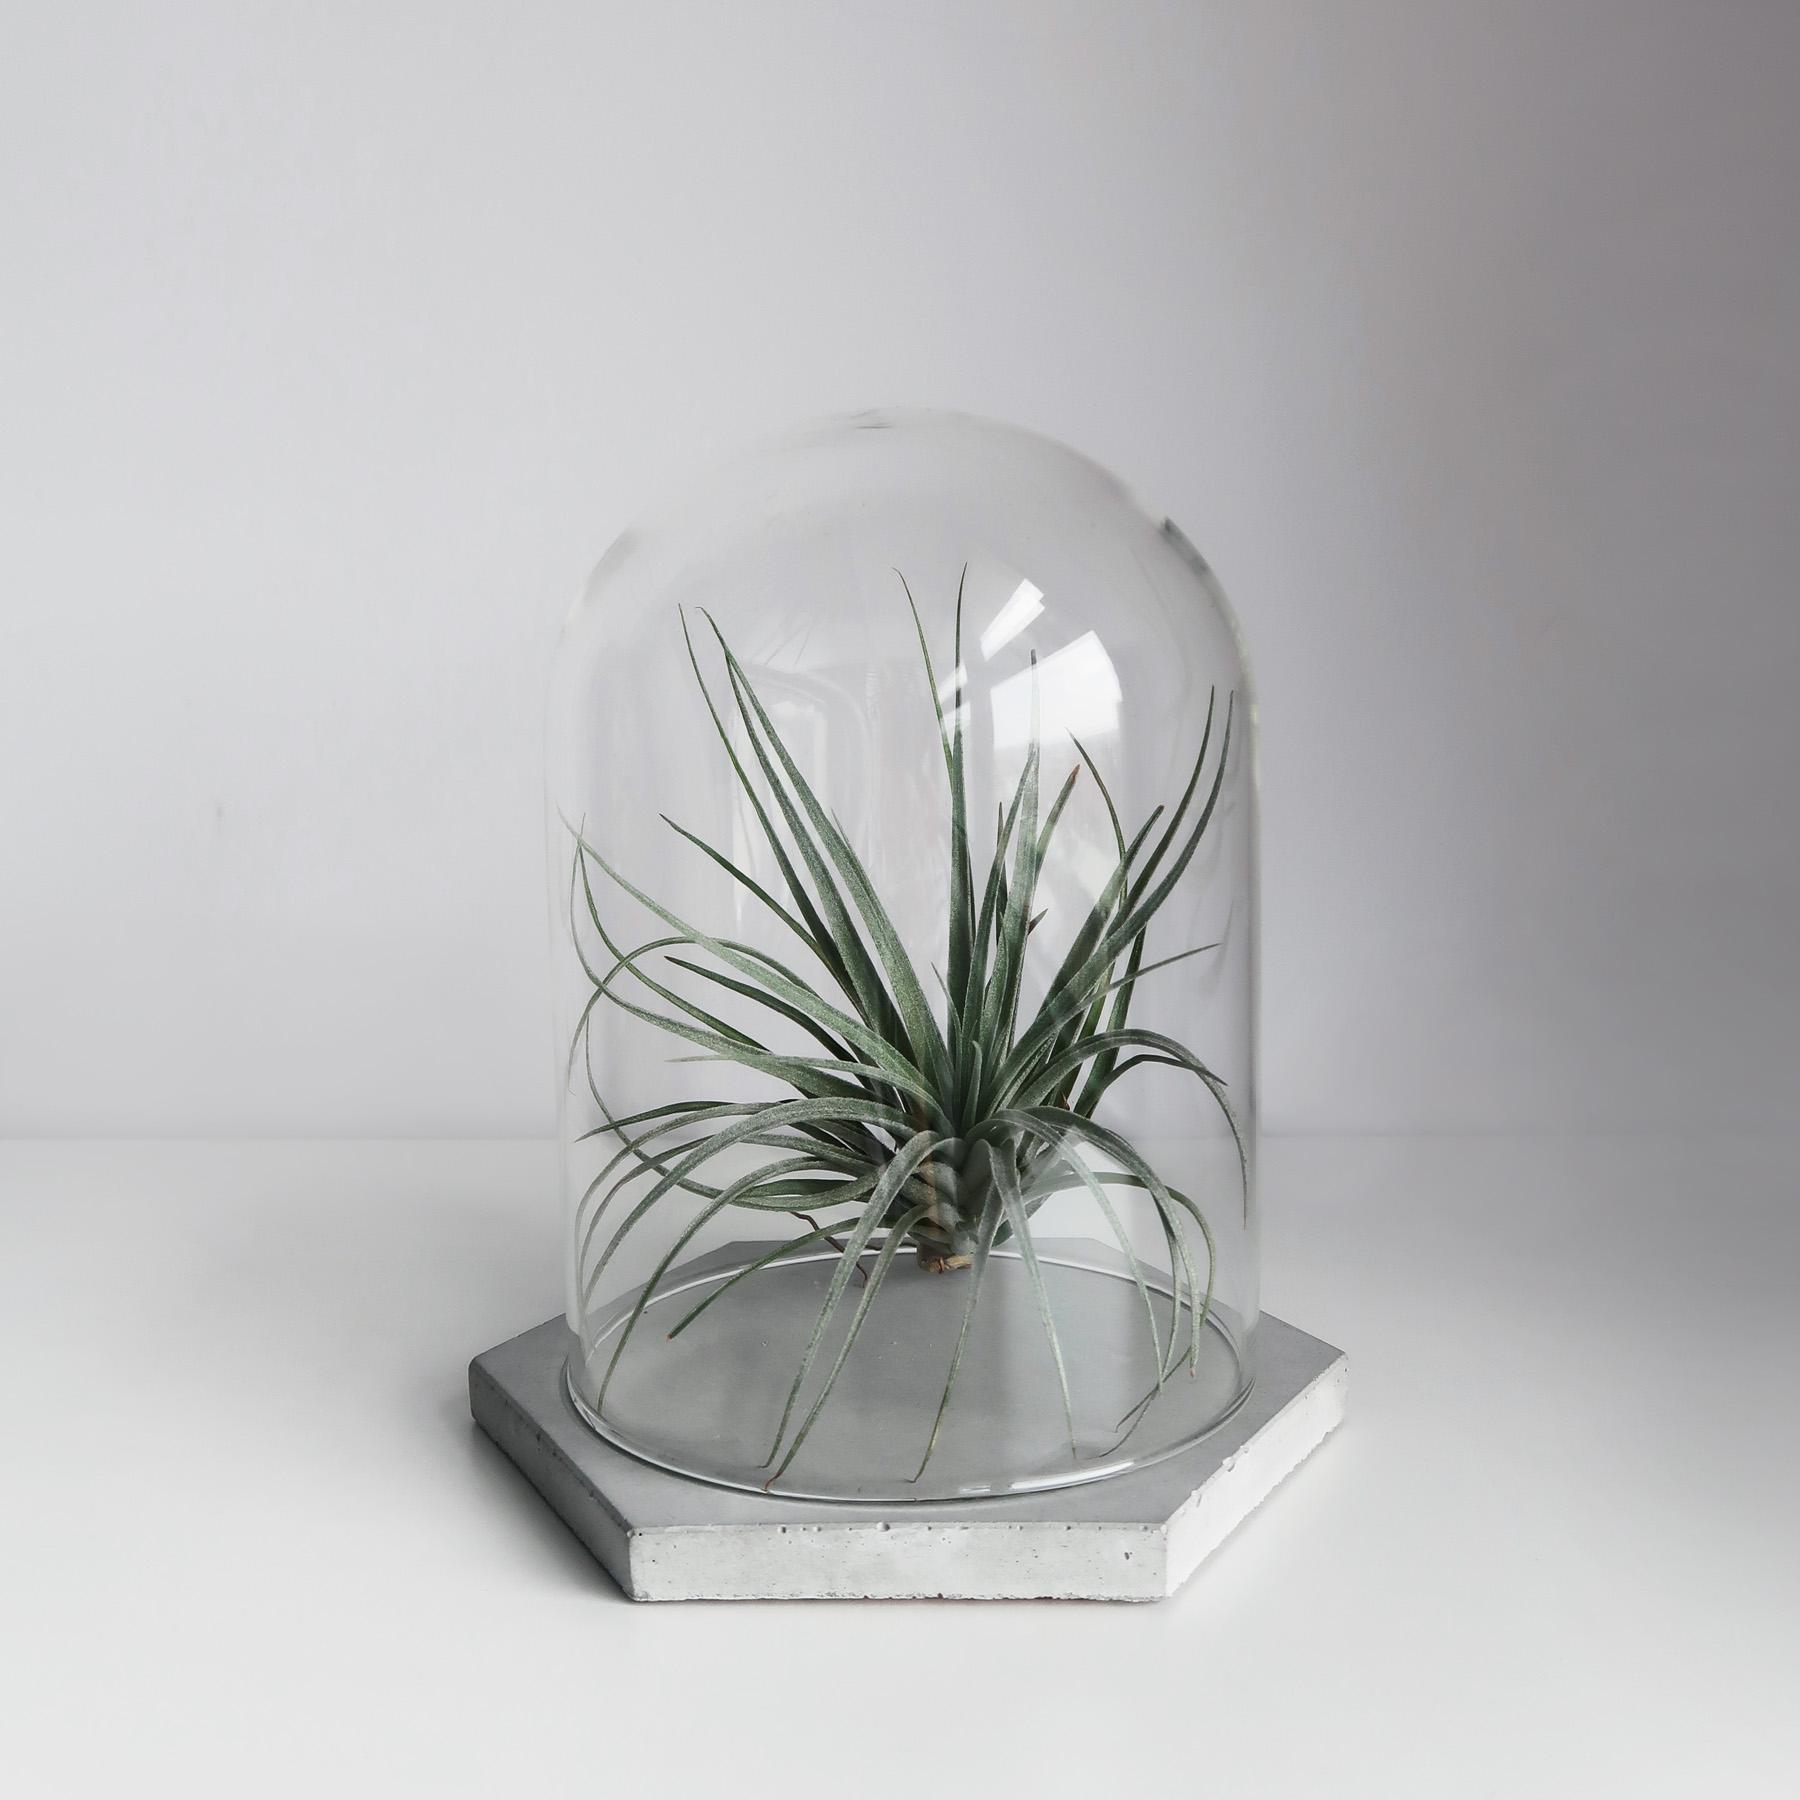 幾何設計水泥飾盤玻璃鐘罩・居家擺飾・飾品陳列